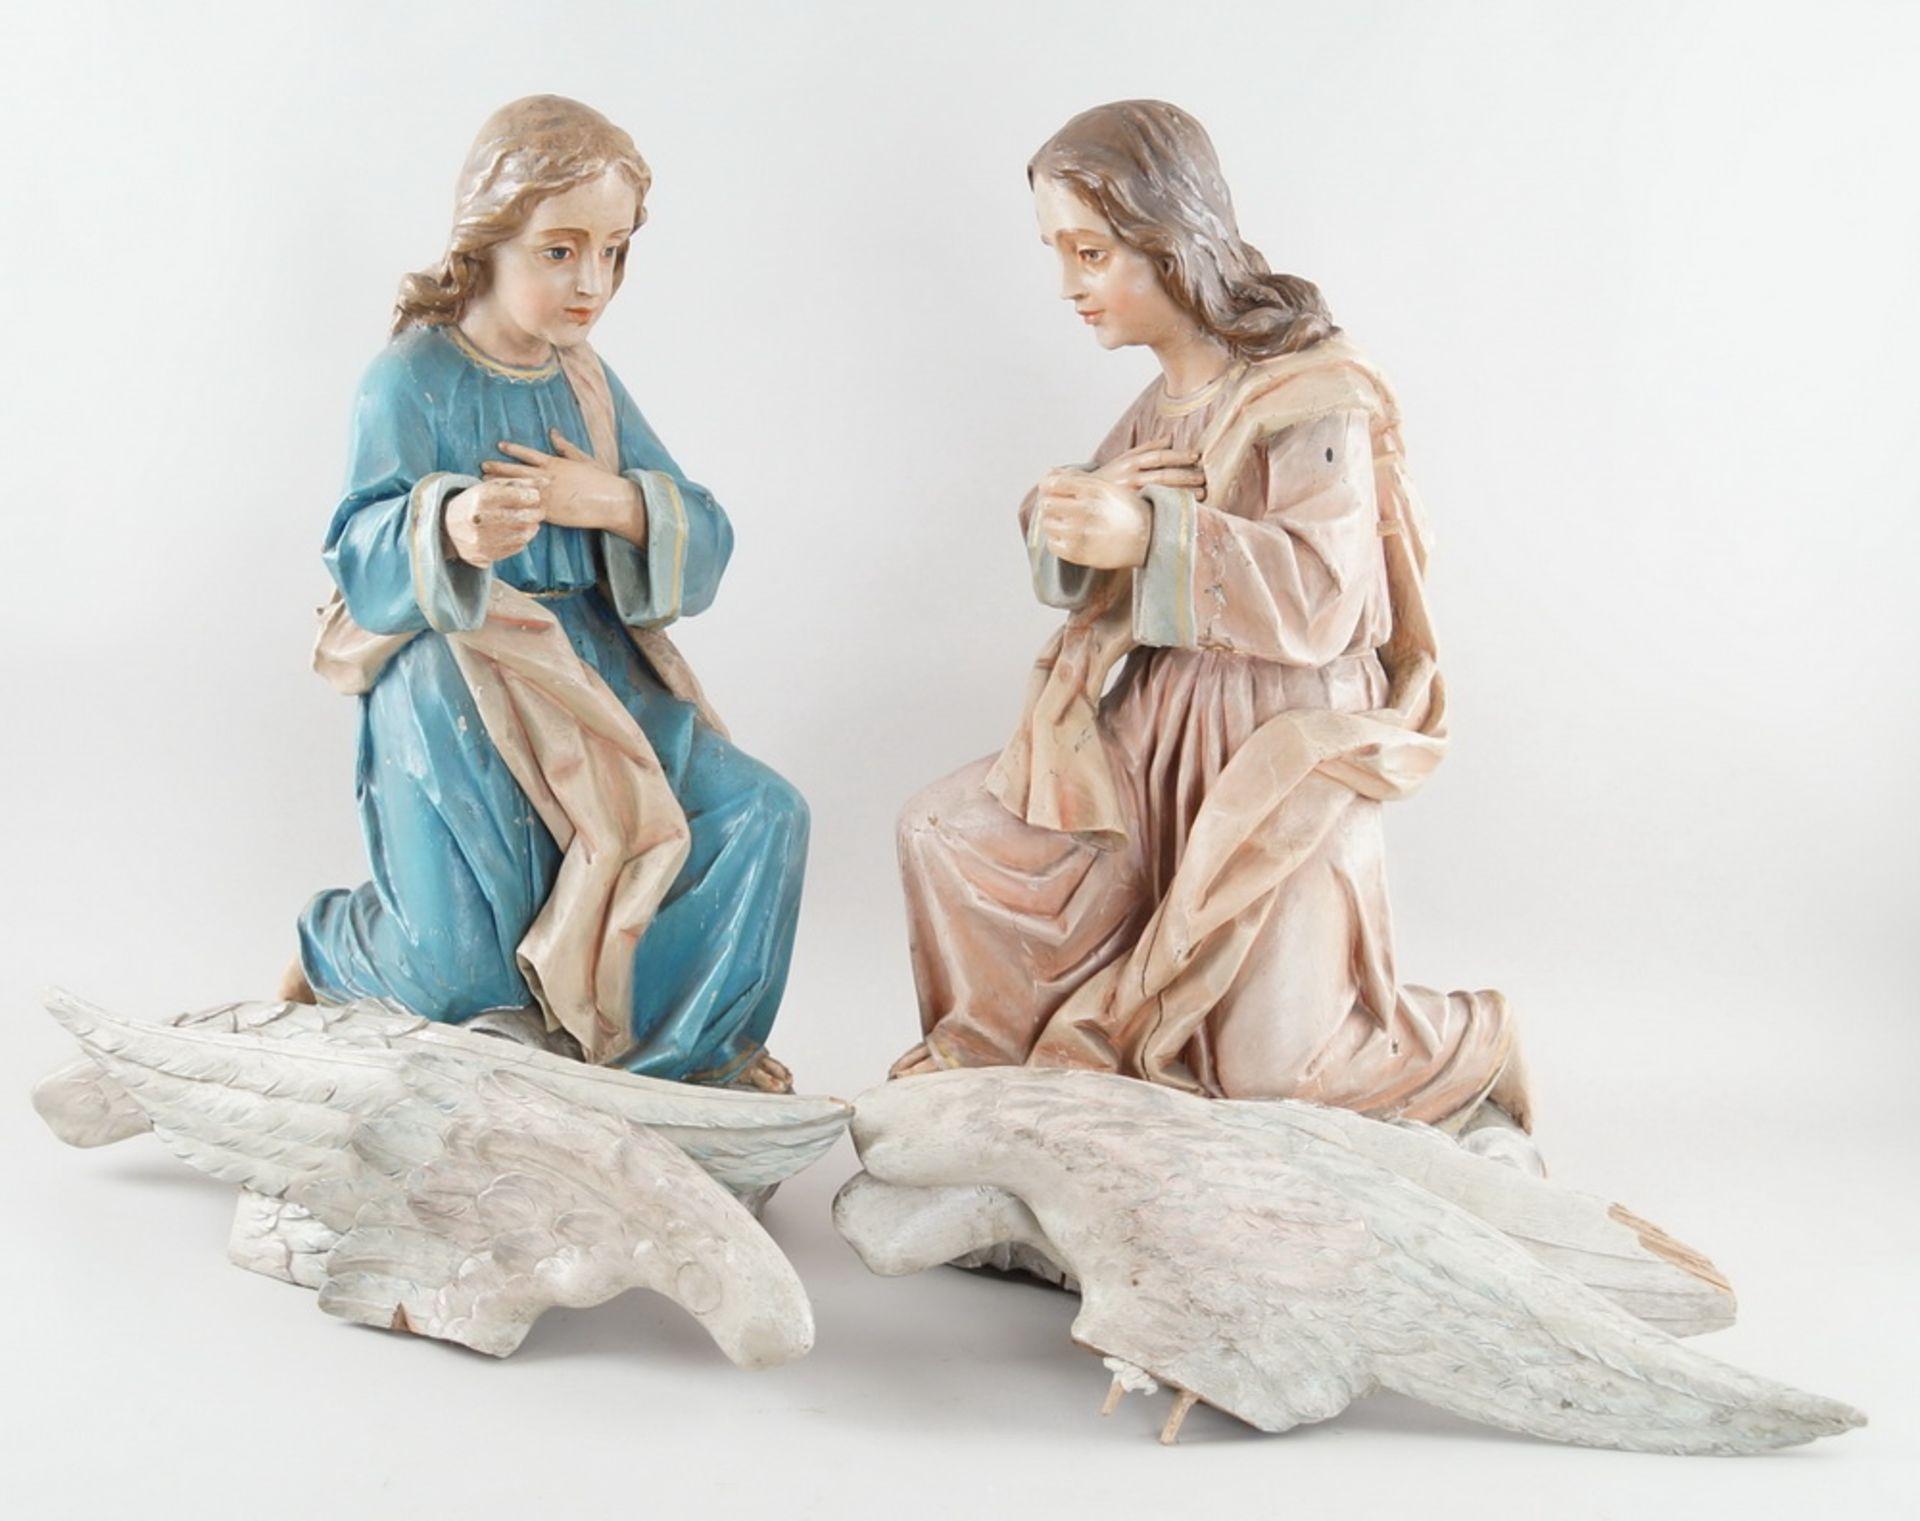 Zwei kniende Engel mit Flügel, 18. JH, Holz geschnitzt und gefasst, rest.-bed., H je 73cm - Bild 6 aus 15